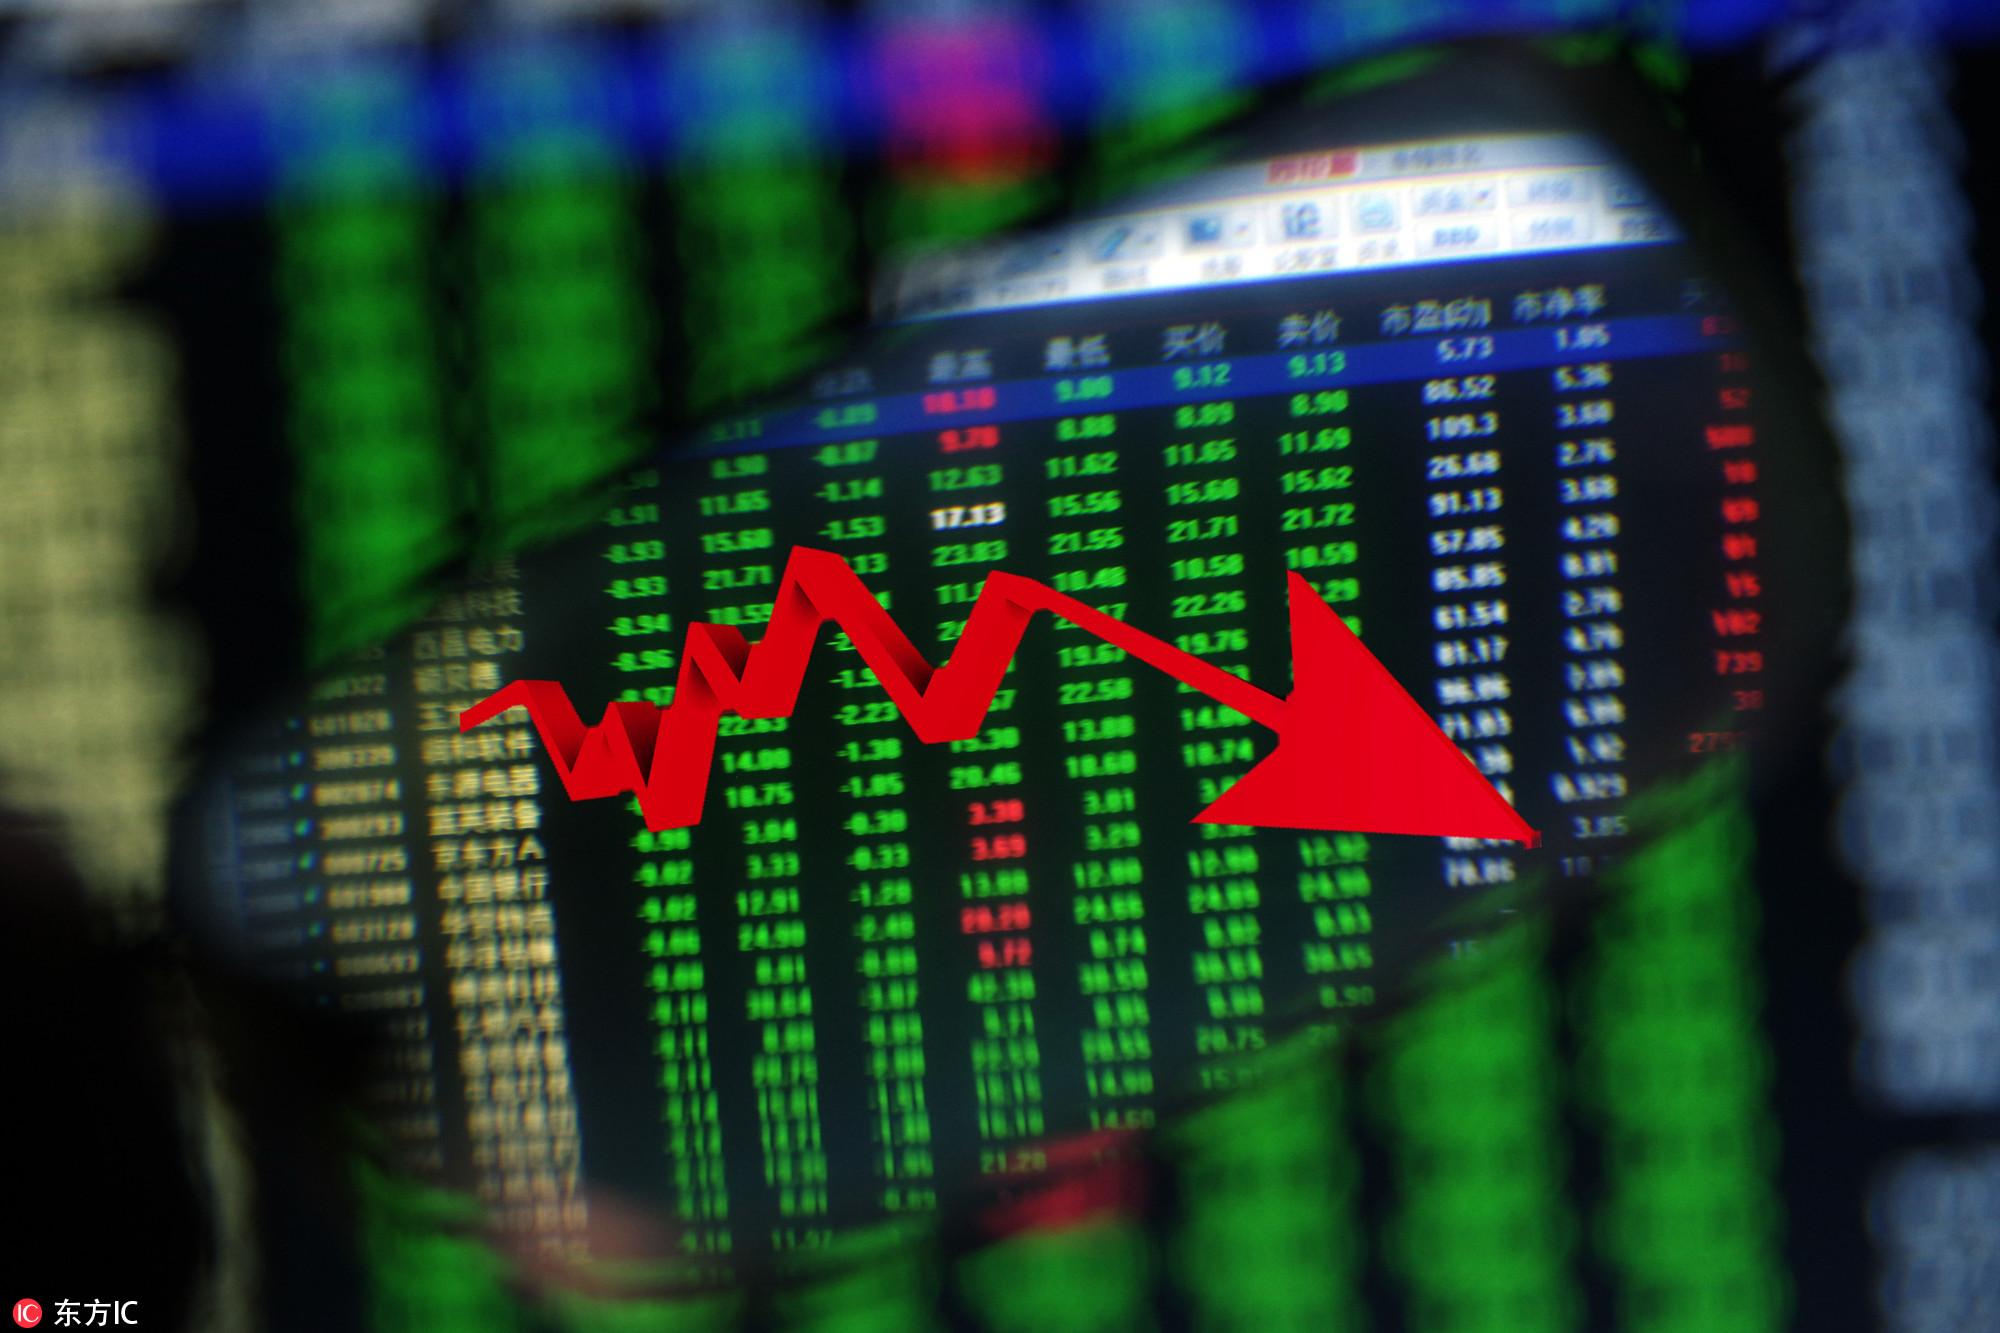 """沈建光:连续多个涨停板的小市值公司,可能是2019年股市的""""雷"""""""